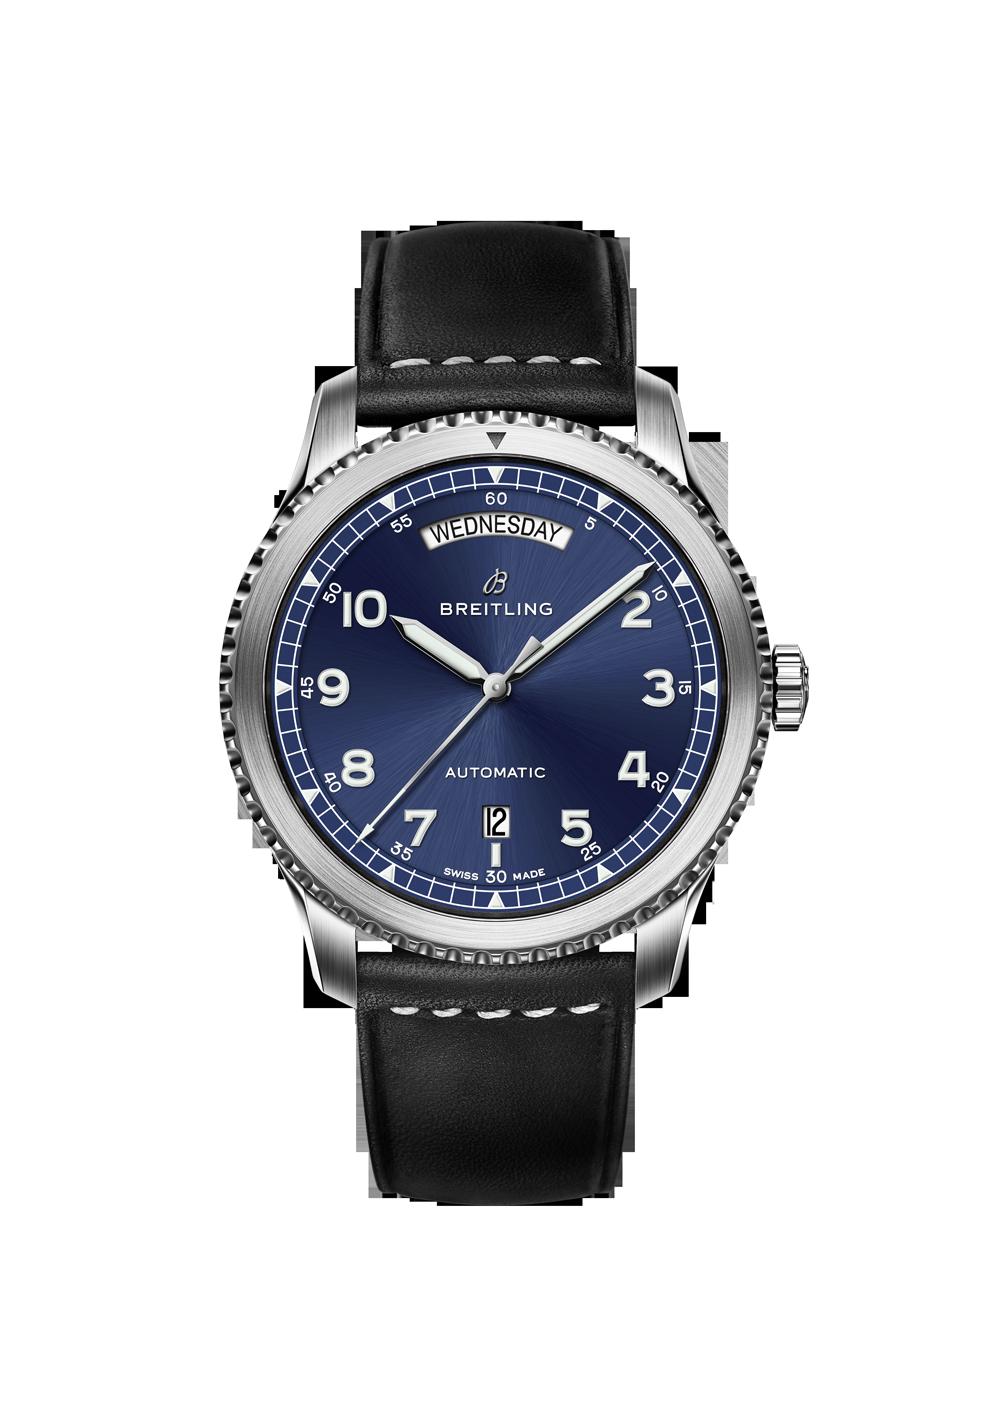 Breitling Navitimer 8 Day Date mit blauem Zifferblatt und Lederband bei Juwelier Hungeling